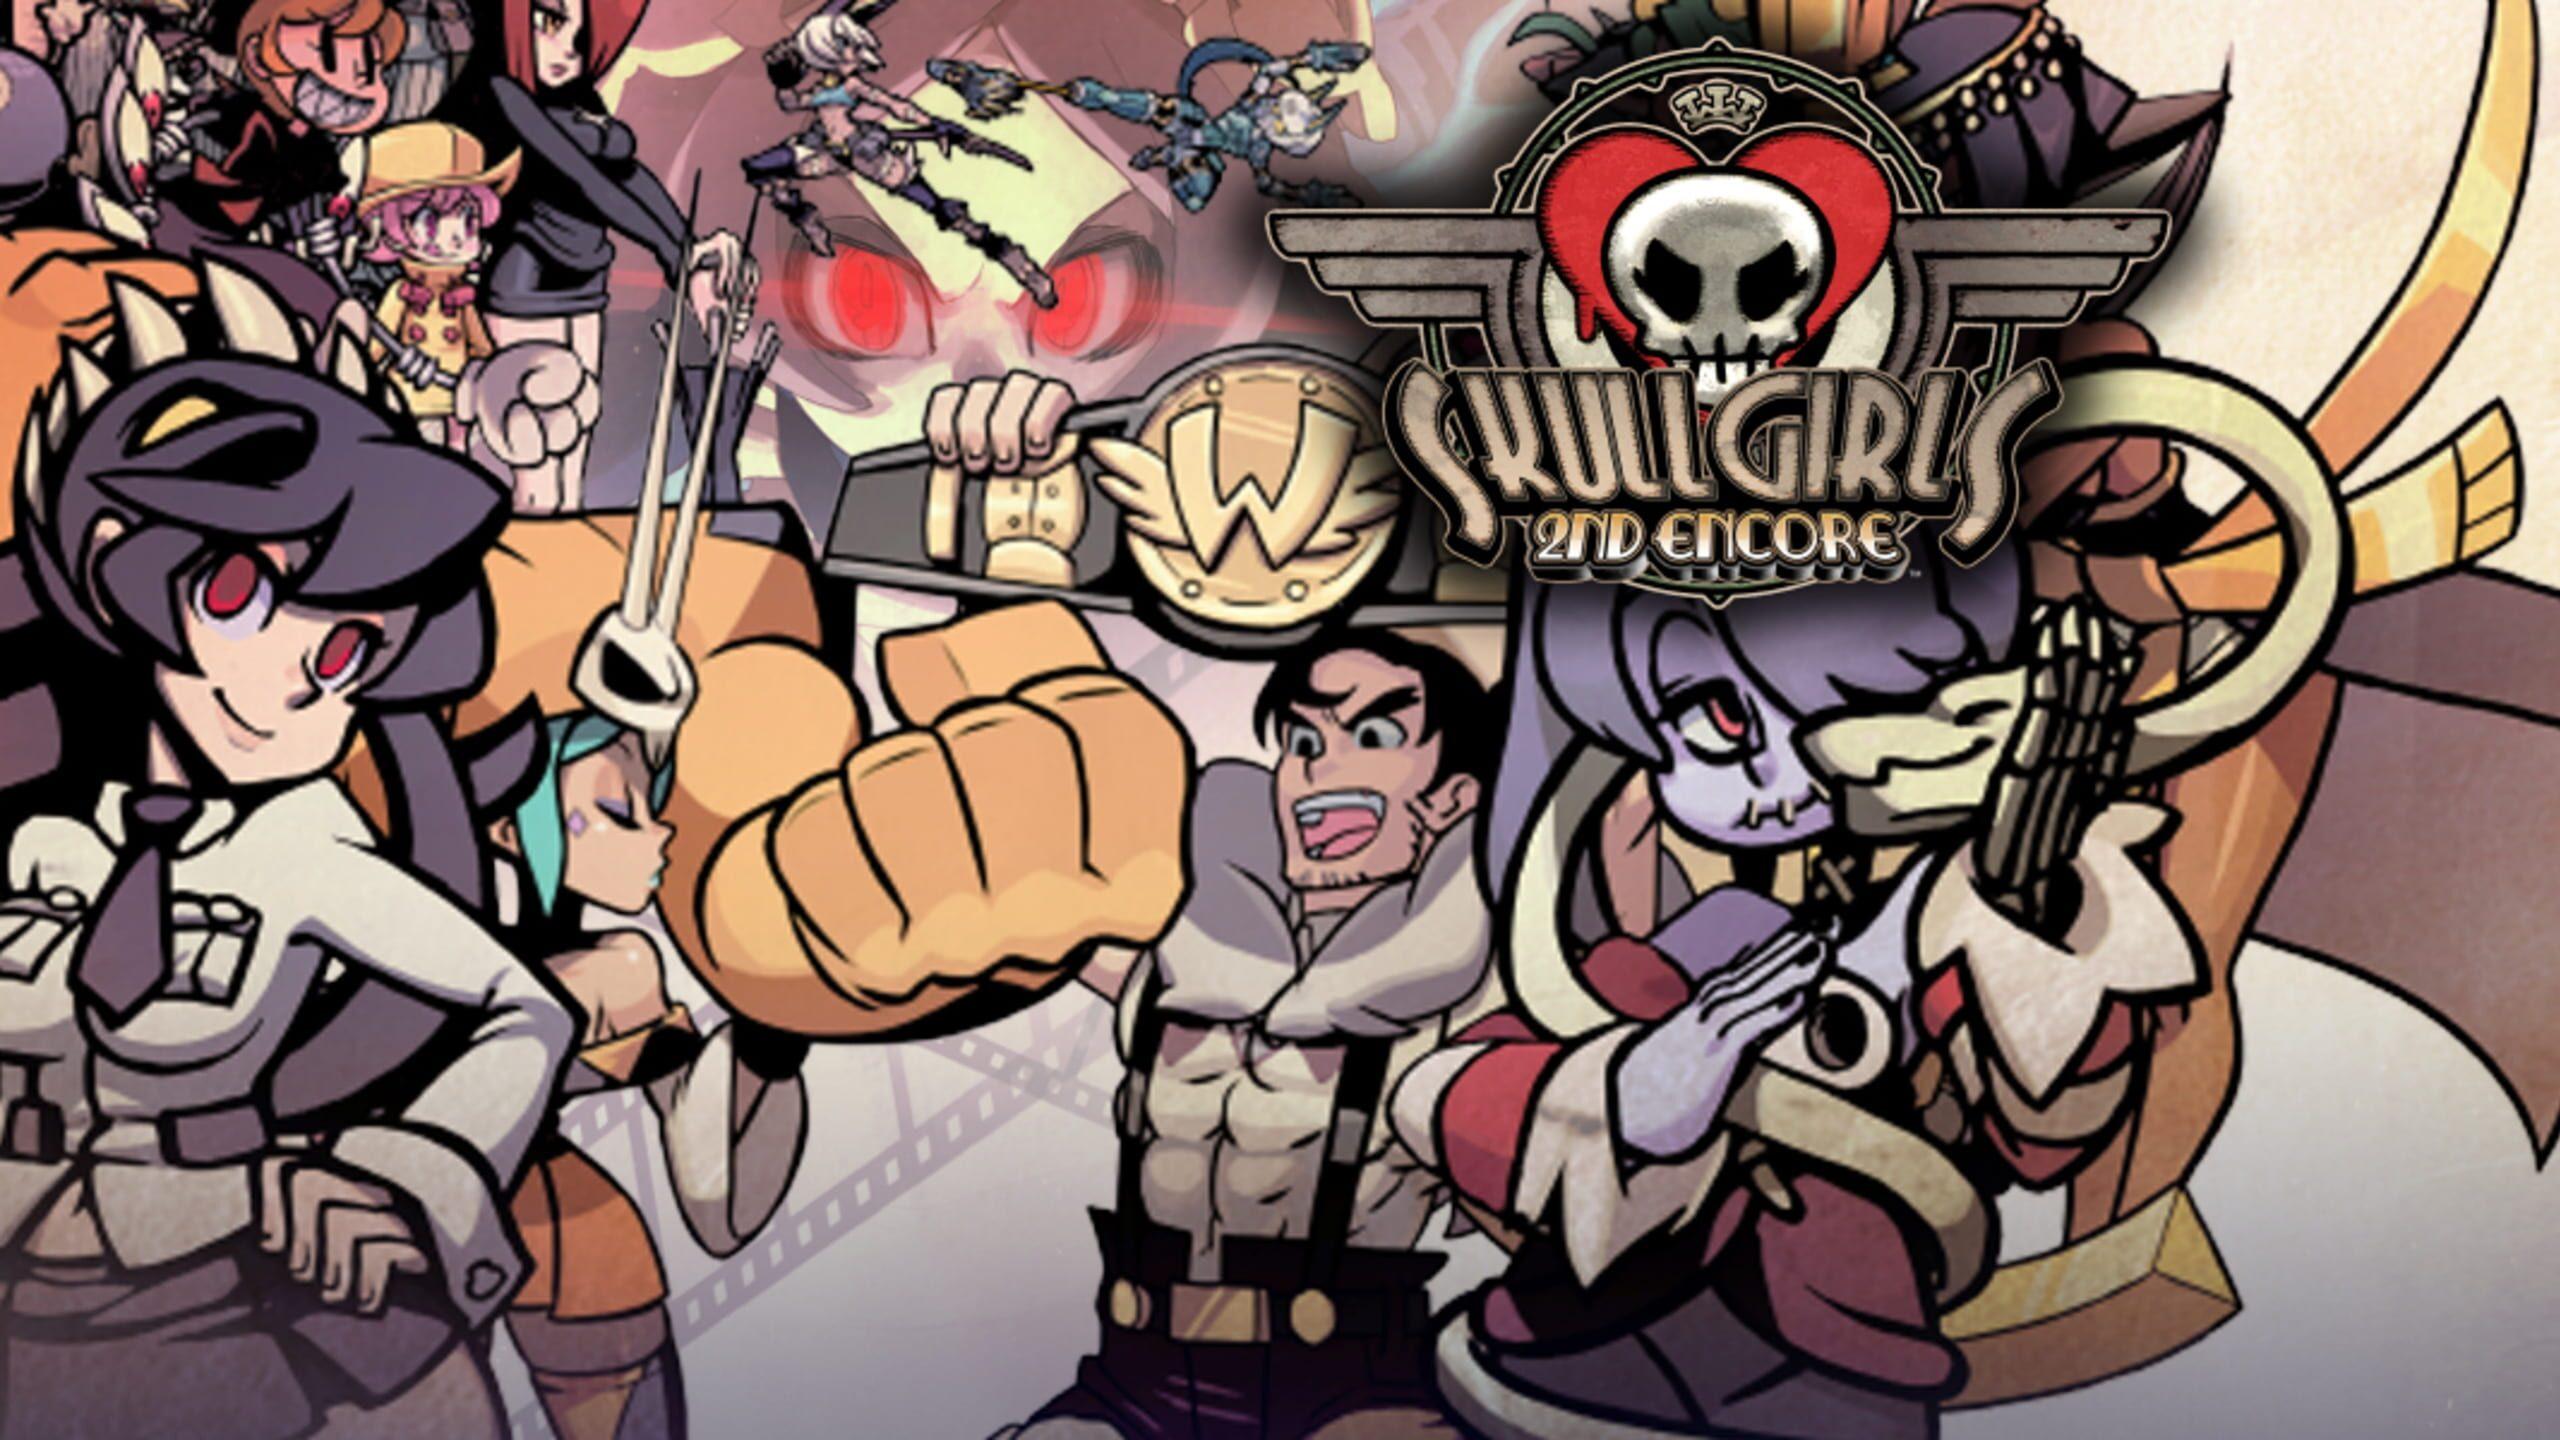 game cover art for Skullgirls: 2nd Encore